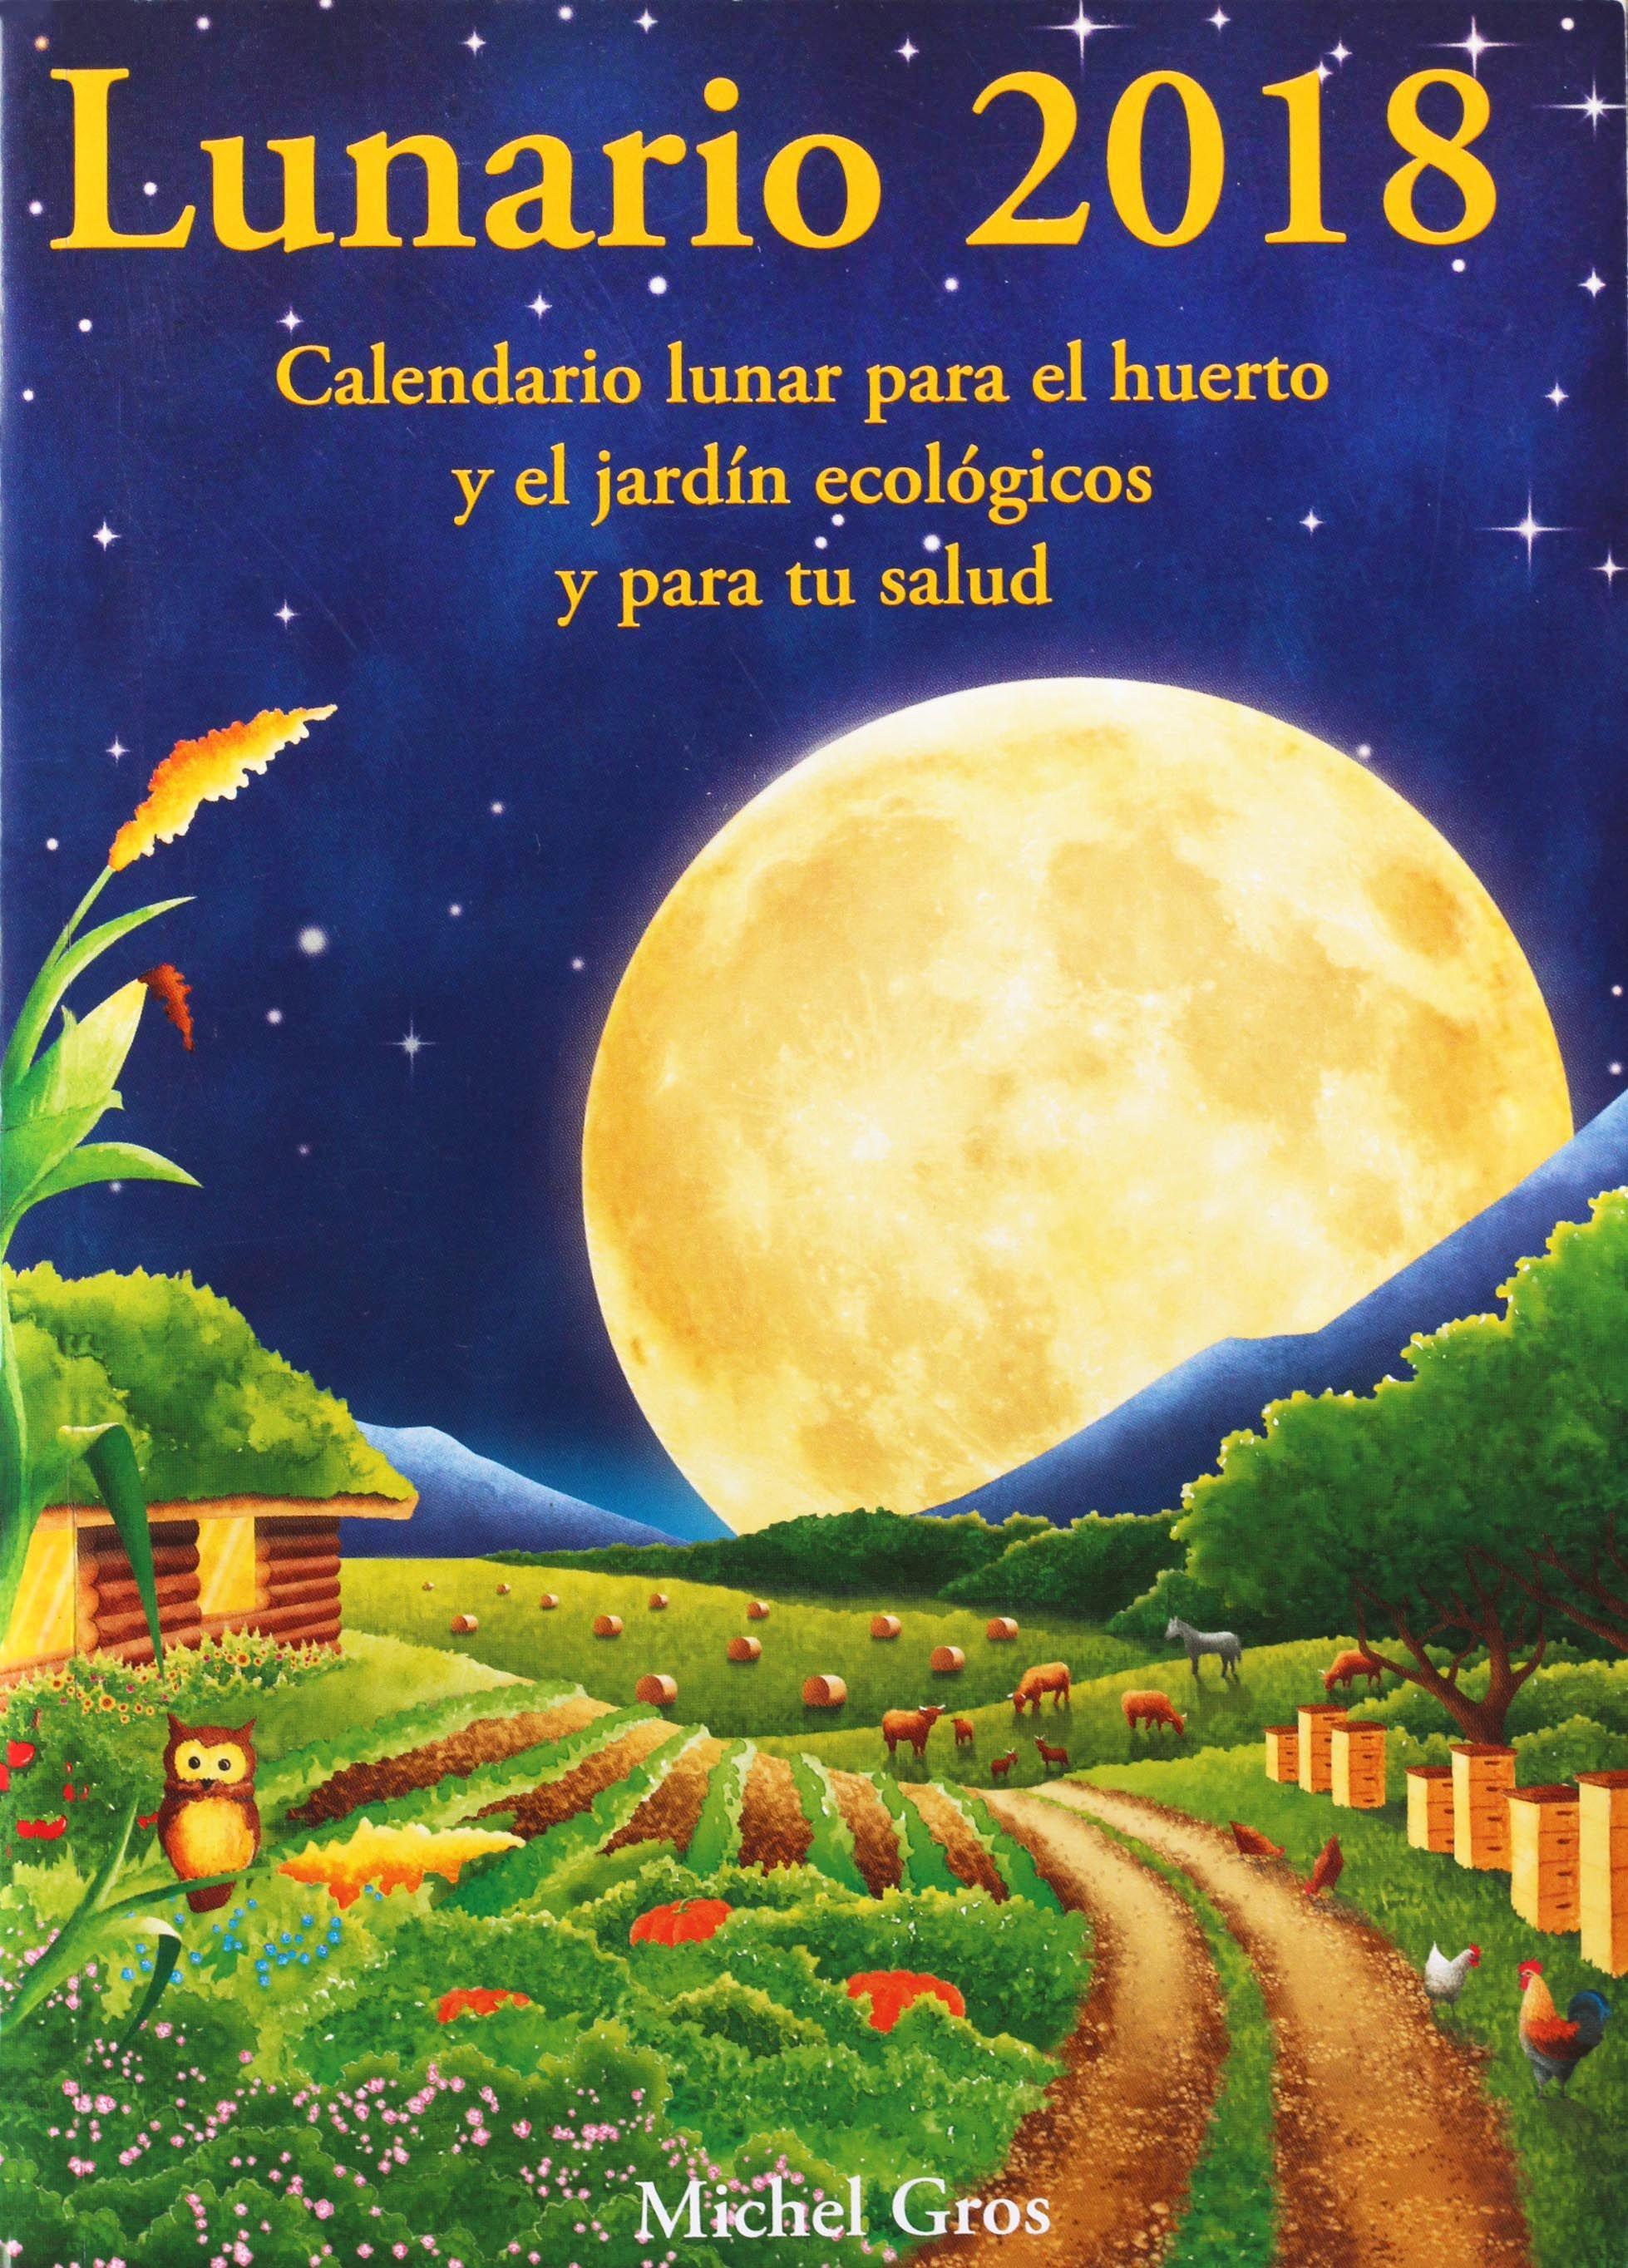 Ya Tenemos Disponible La Nueva Edición De Lunario 2018 Lo Puedes Encontrar En Tu Comercio De Proximidad O Directament Jardín Ecológico Calendario Lunar Huerto